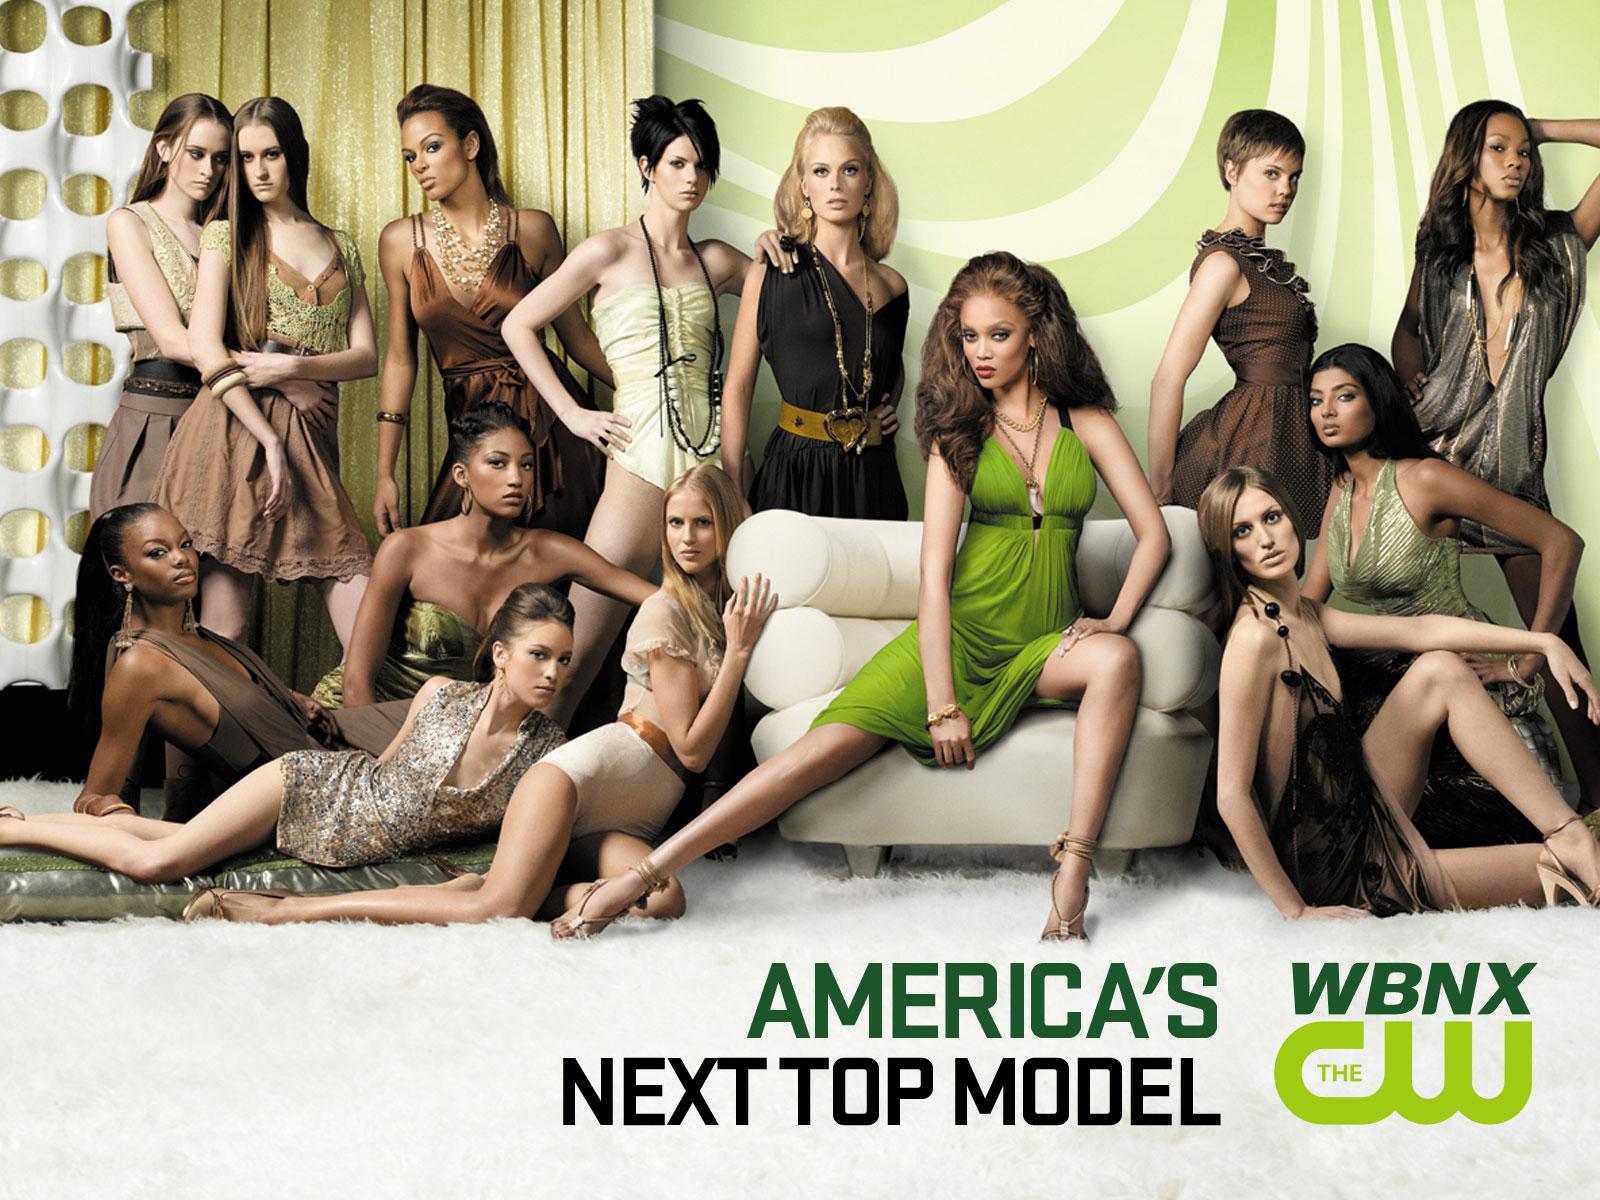 топ модель по американски 2 сезон 2: